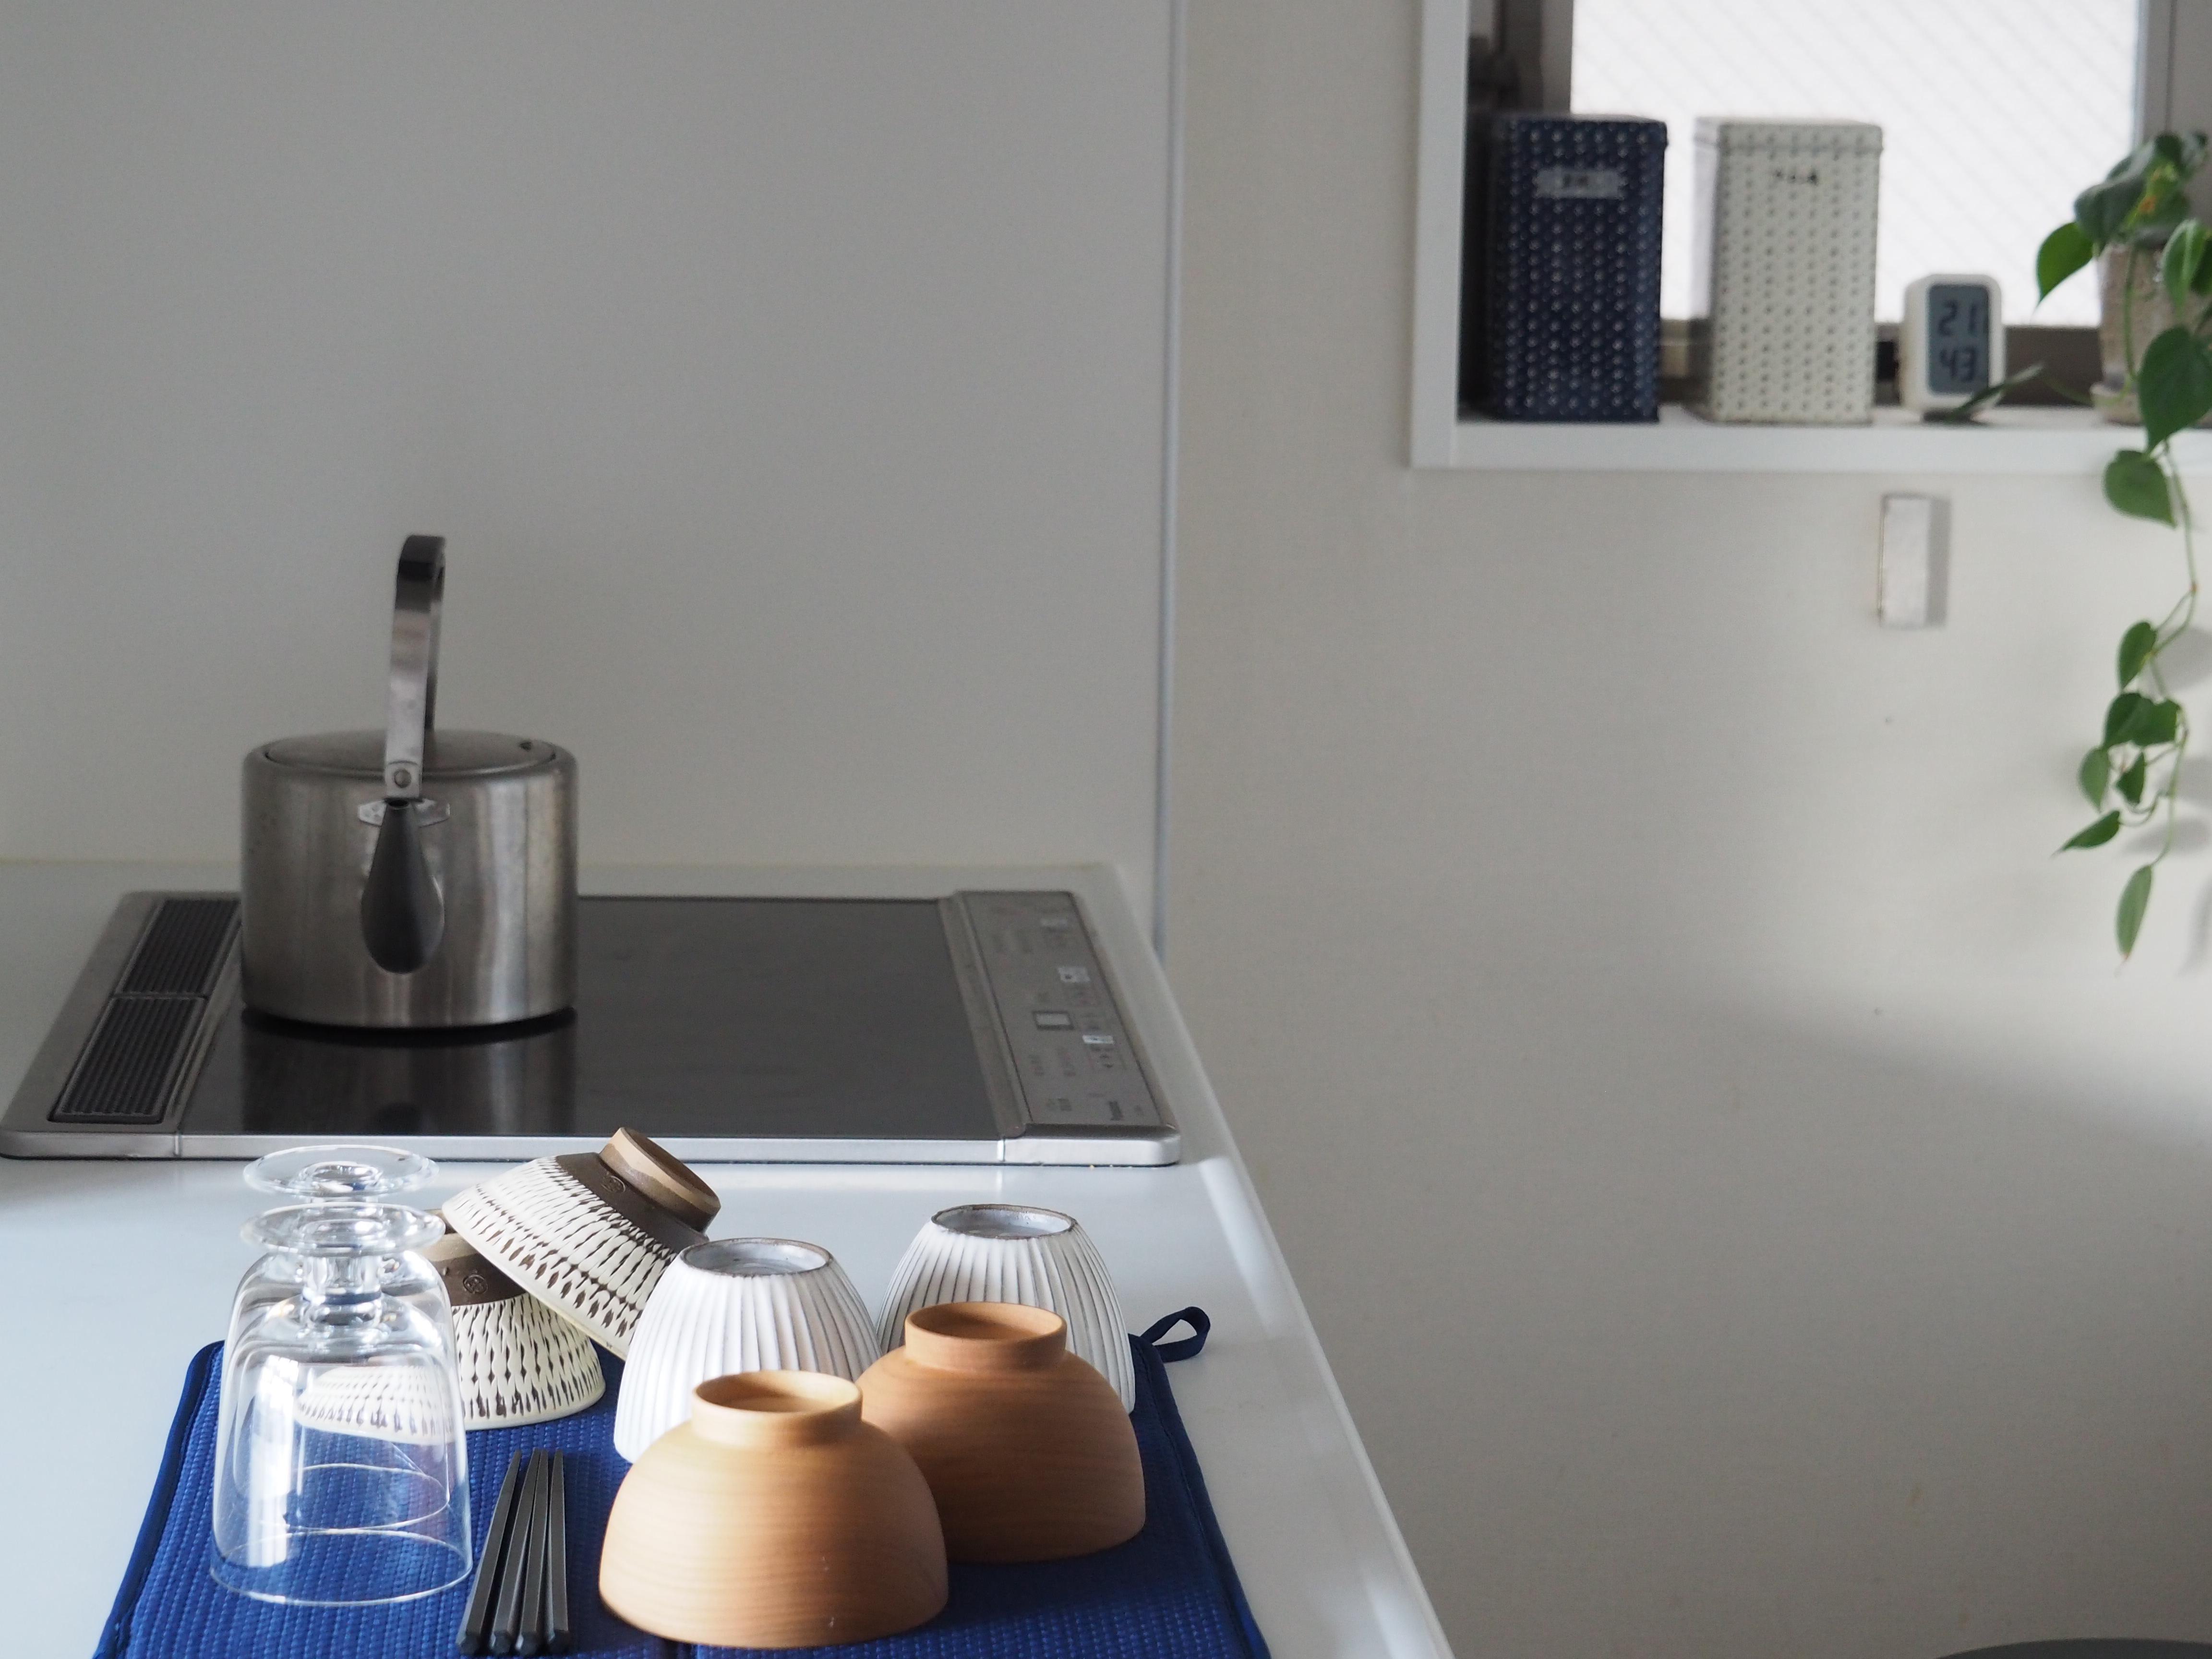 IKEAの水切りマット